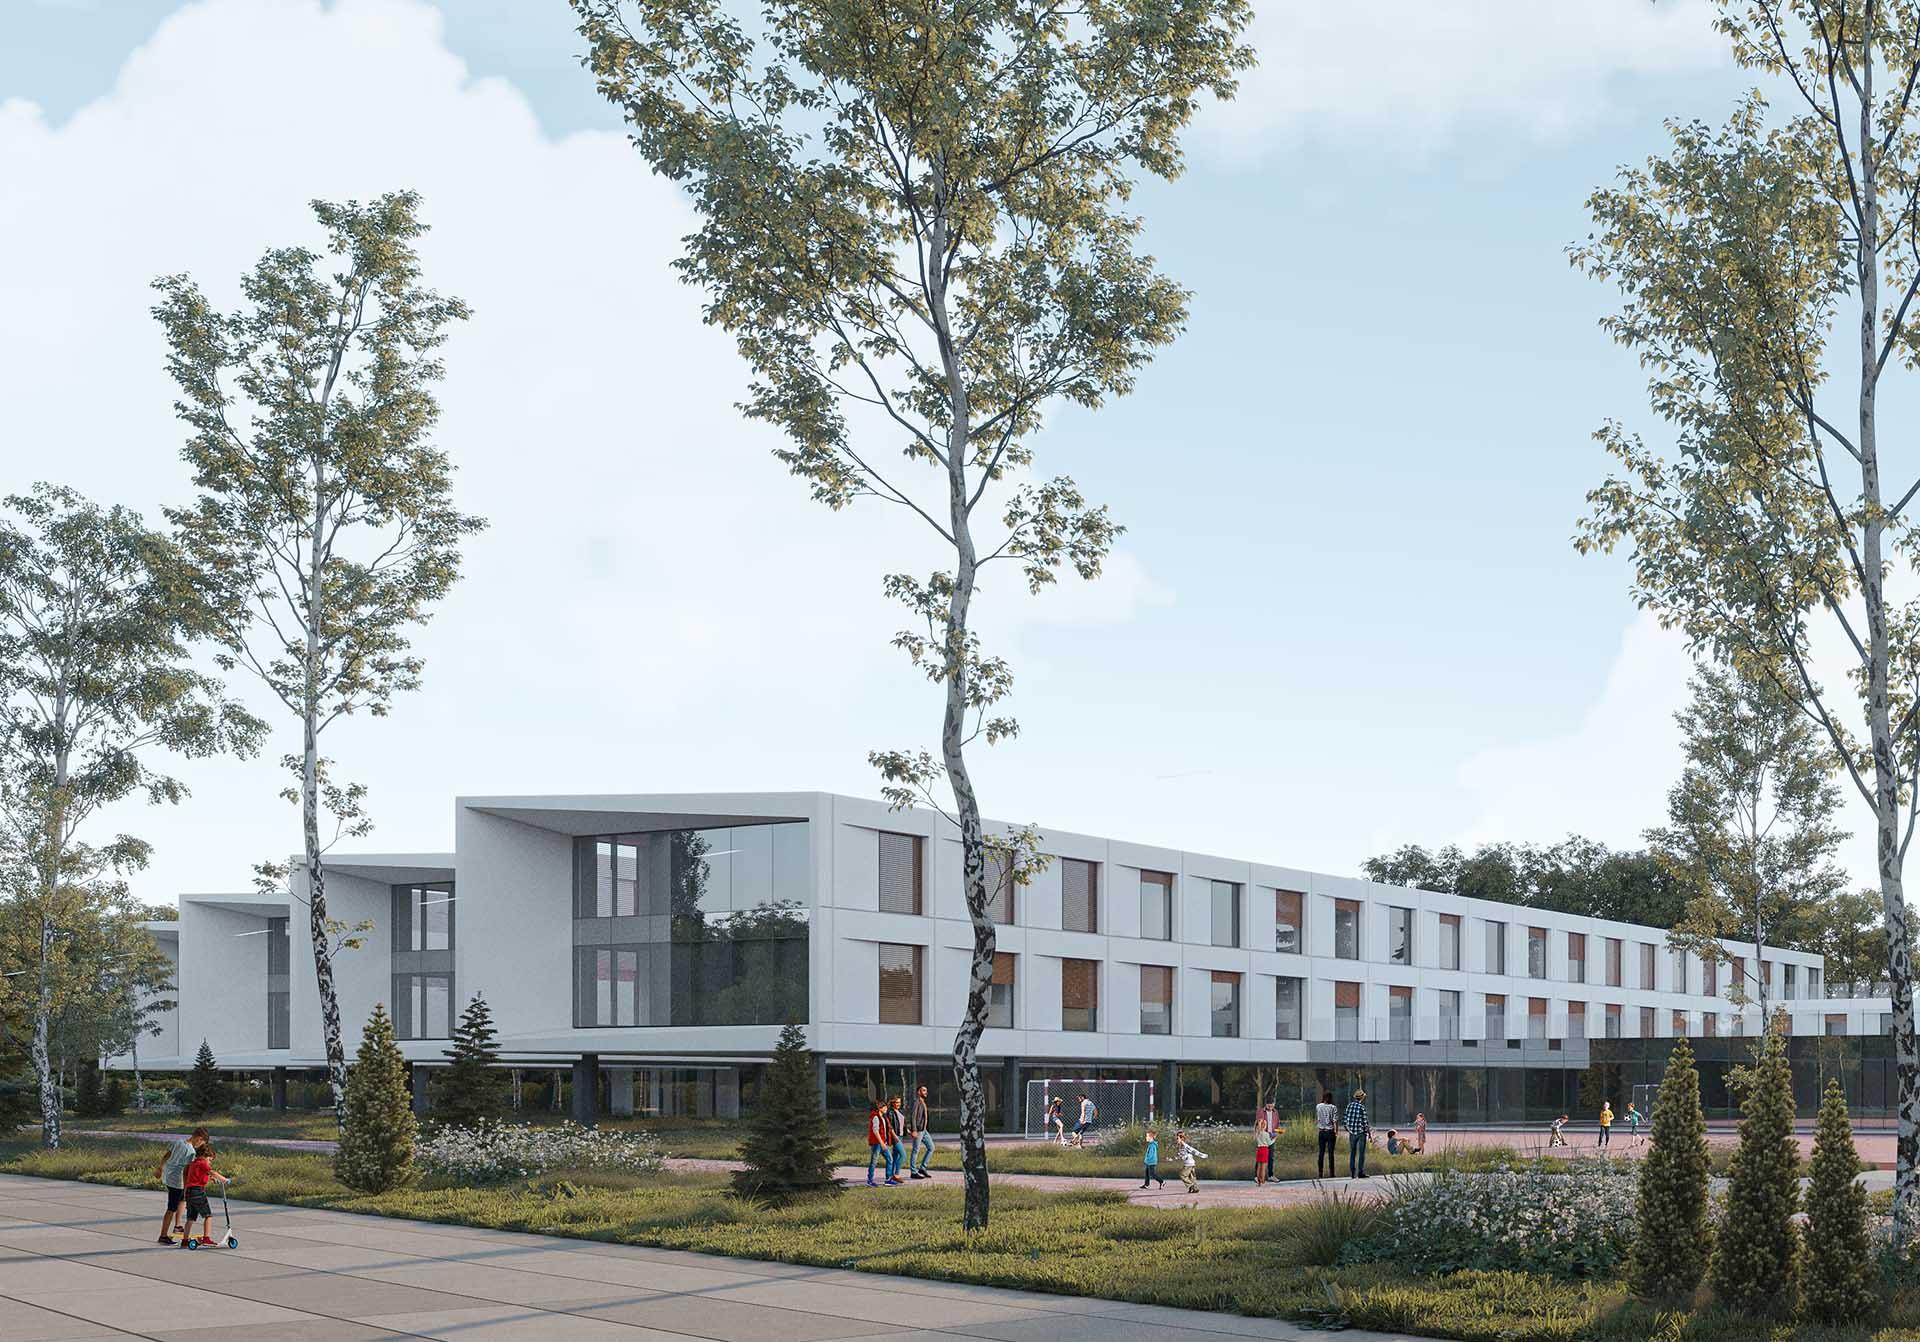 School in Wrocław